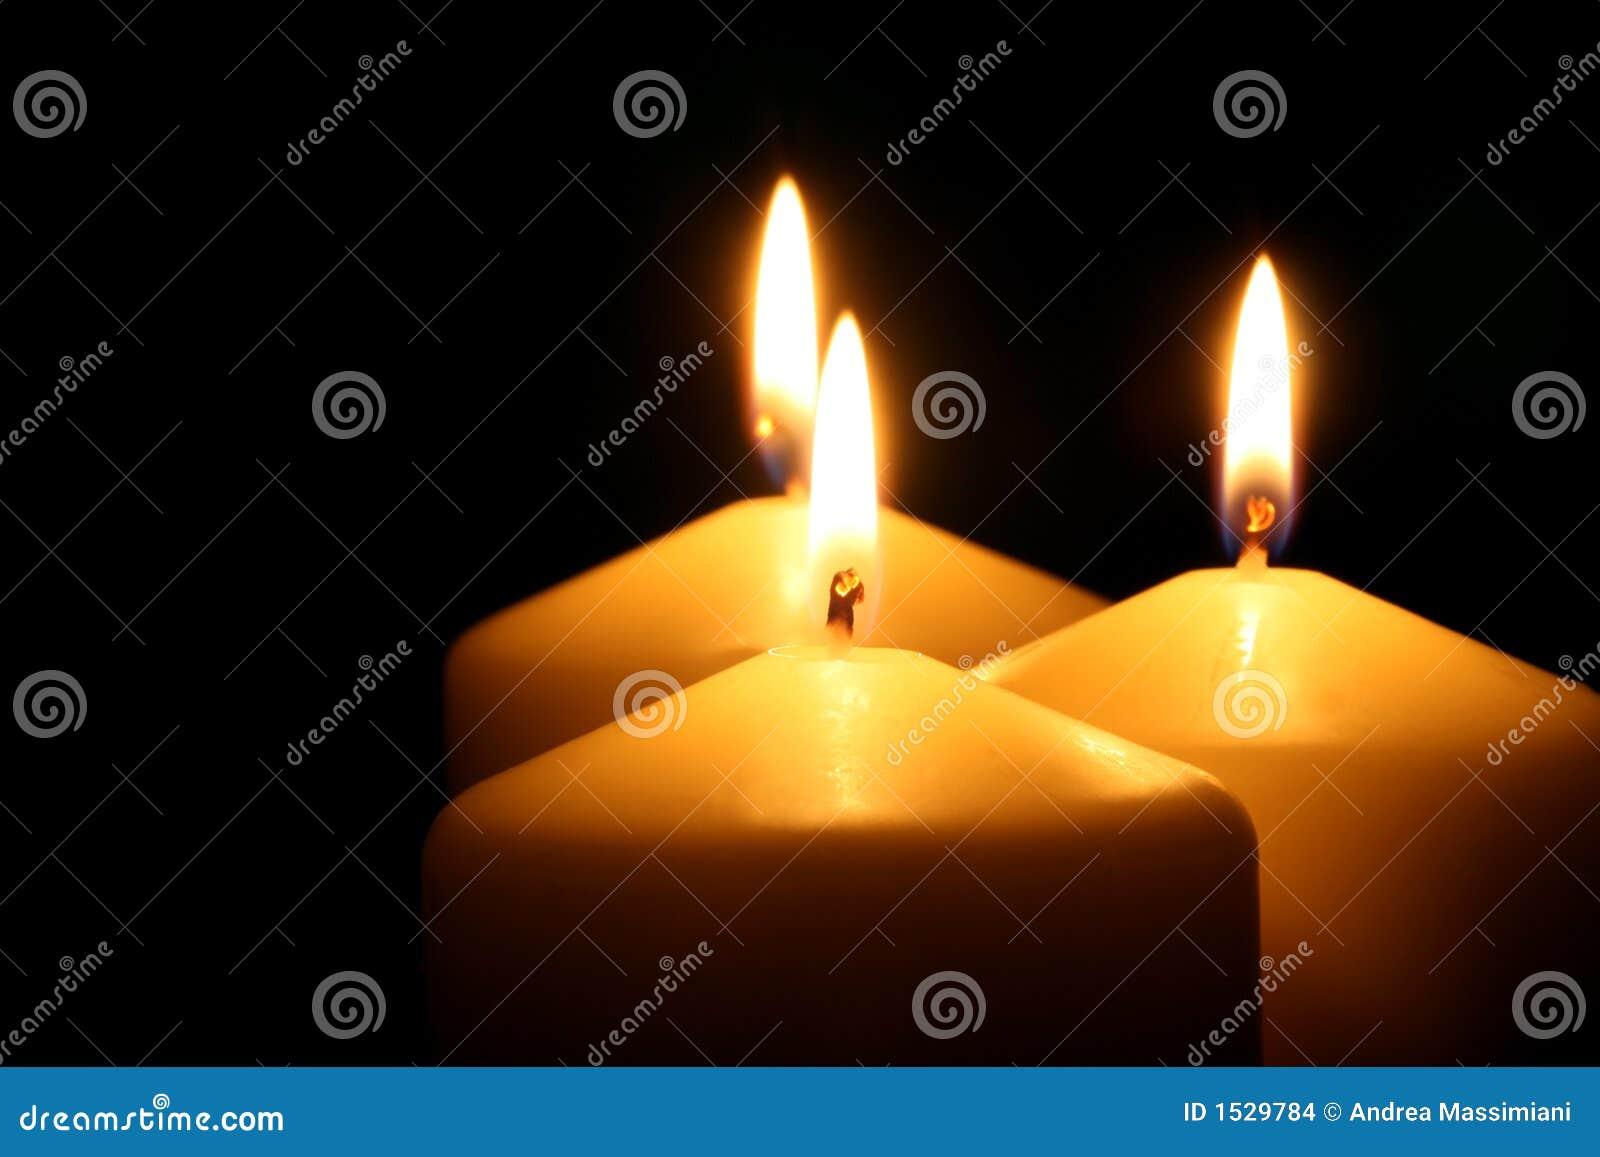 Trzy świece.